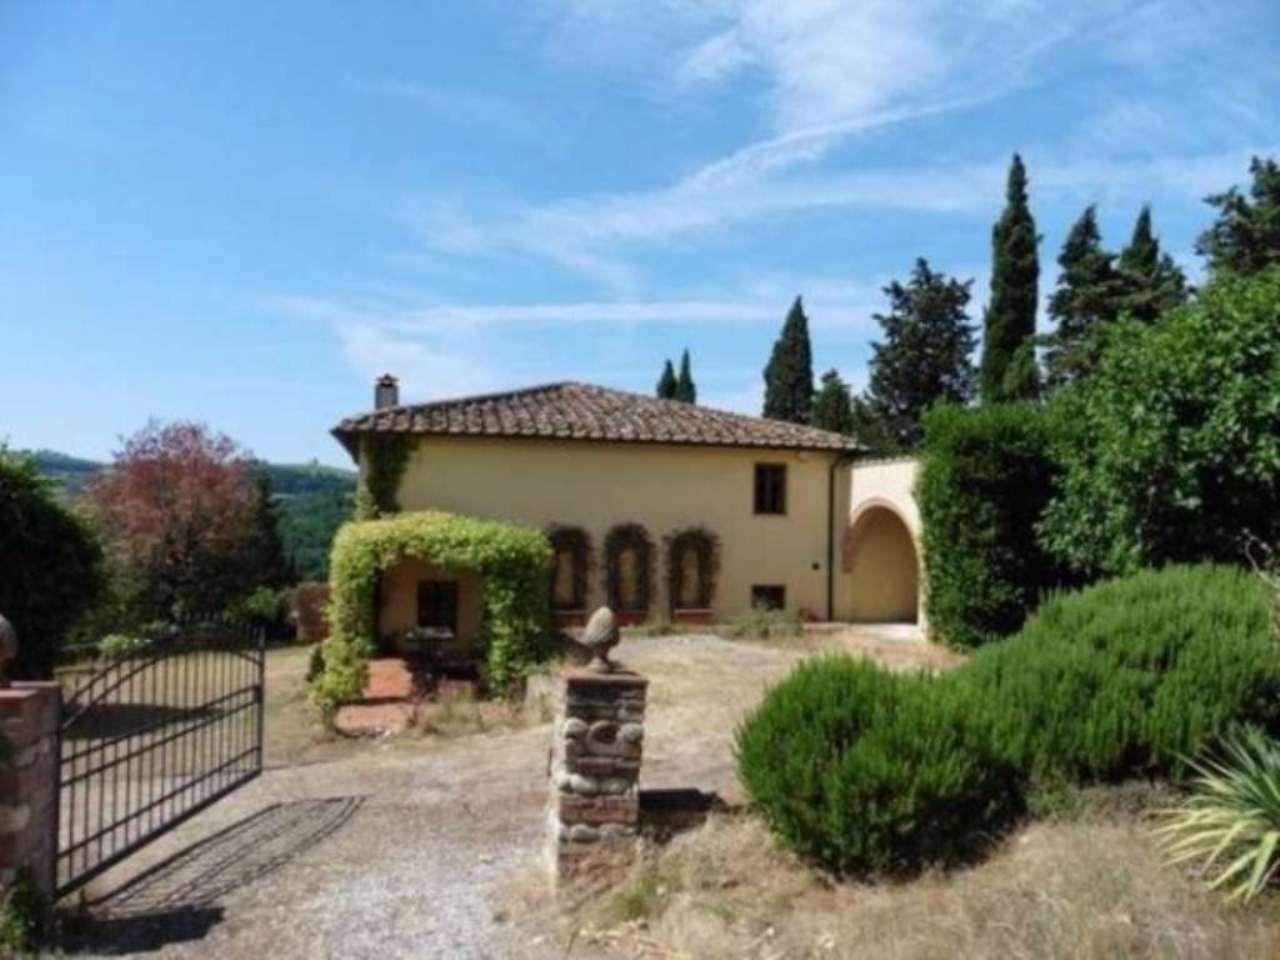 Rustico / Casale in vendita a San Casciano in Val di Pesa, 6 locali, prezzo € 820.000 | CambioCasa.it